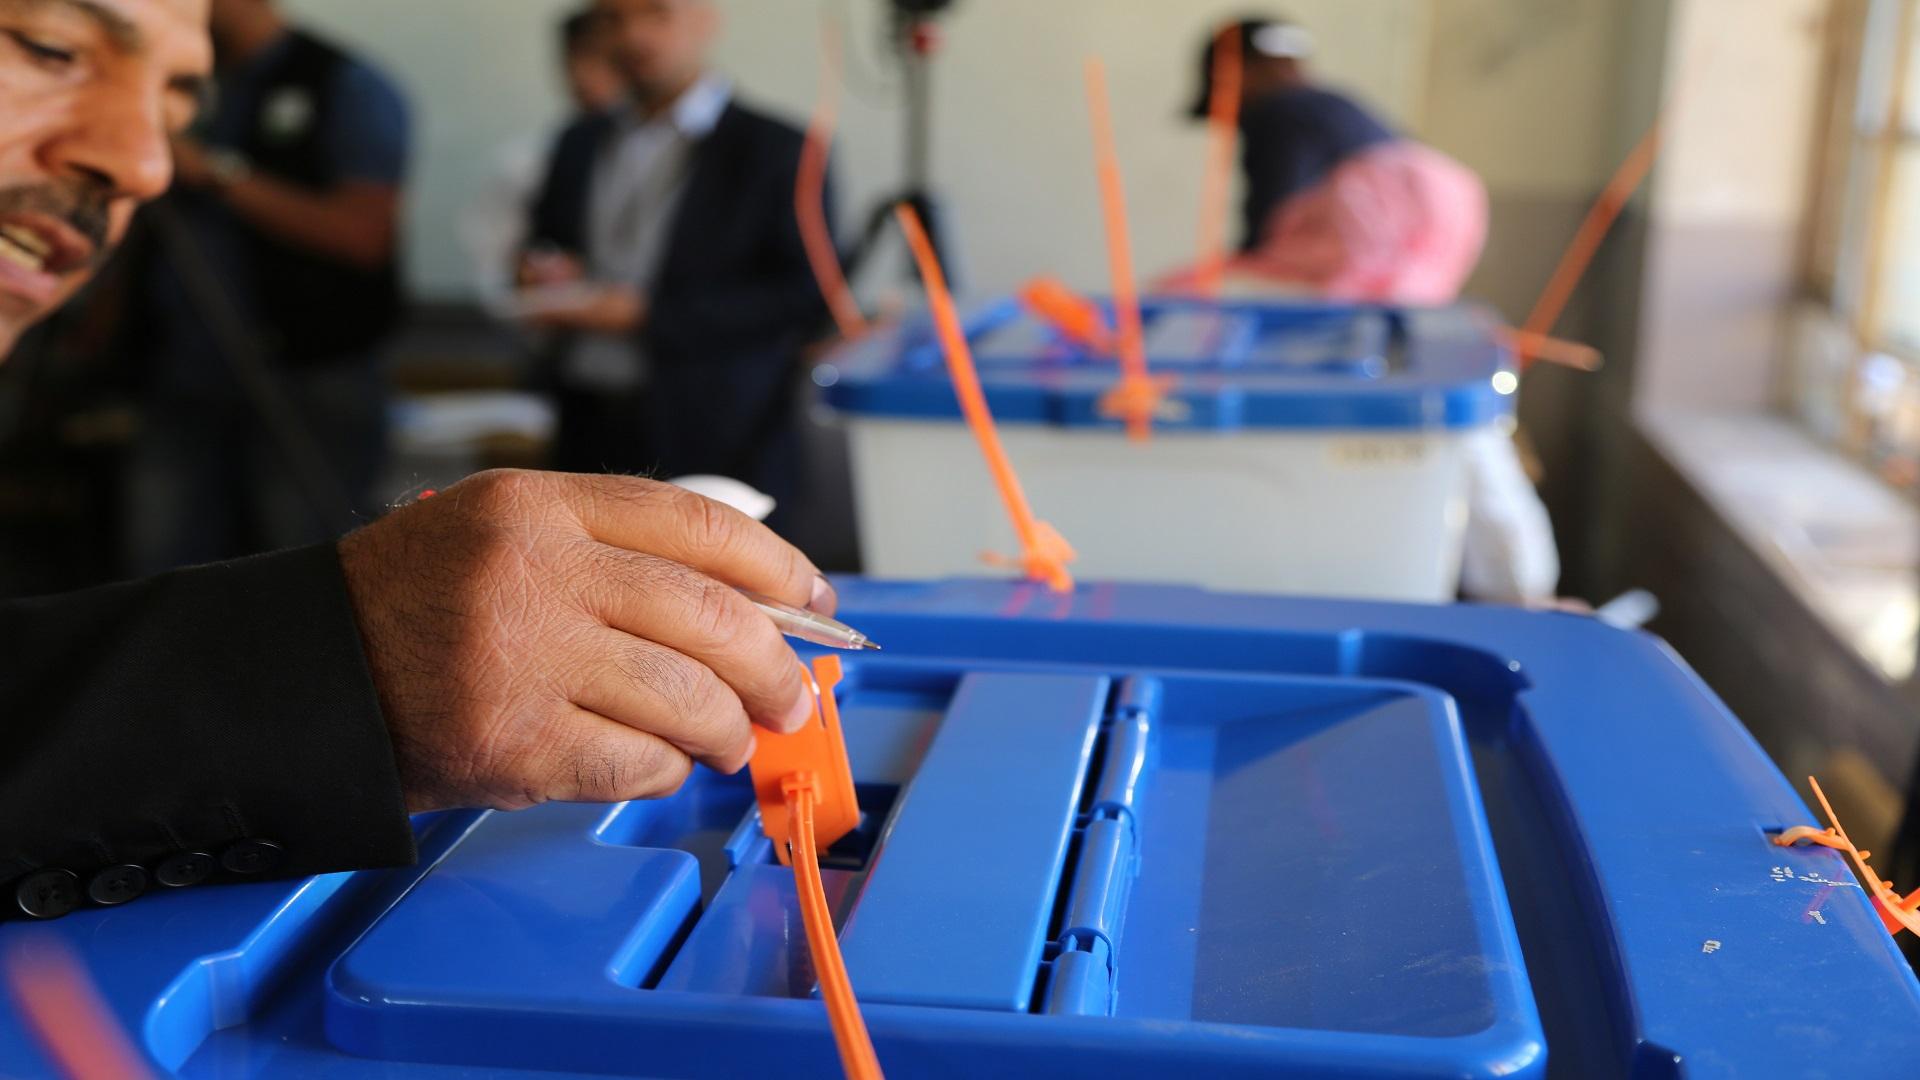 مصادر: جهات متنفذة تضغط على مجلس المفوضين لافشال عمل جهاز تسريع نتائج الانتخابات